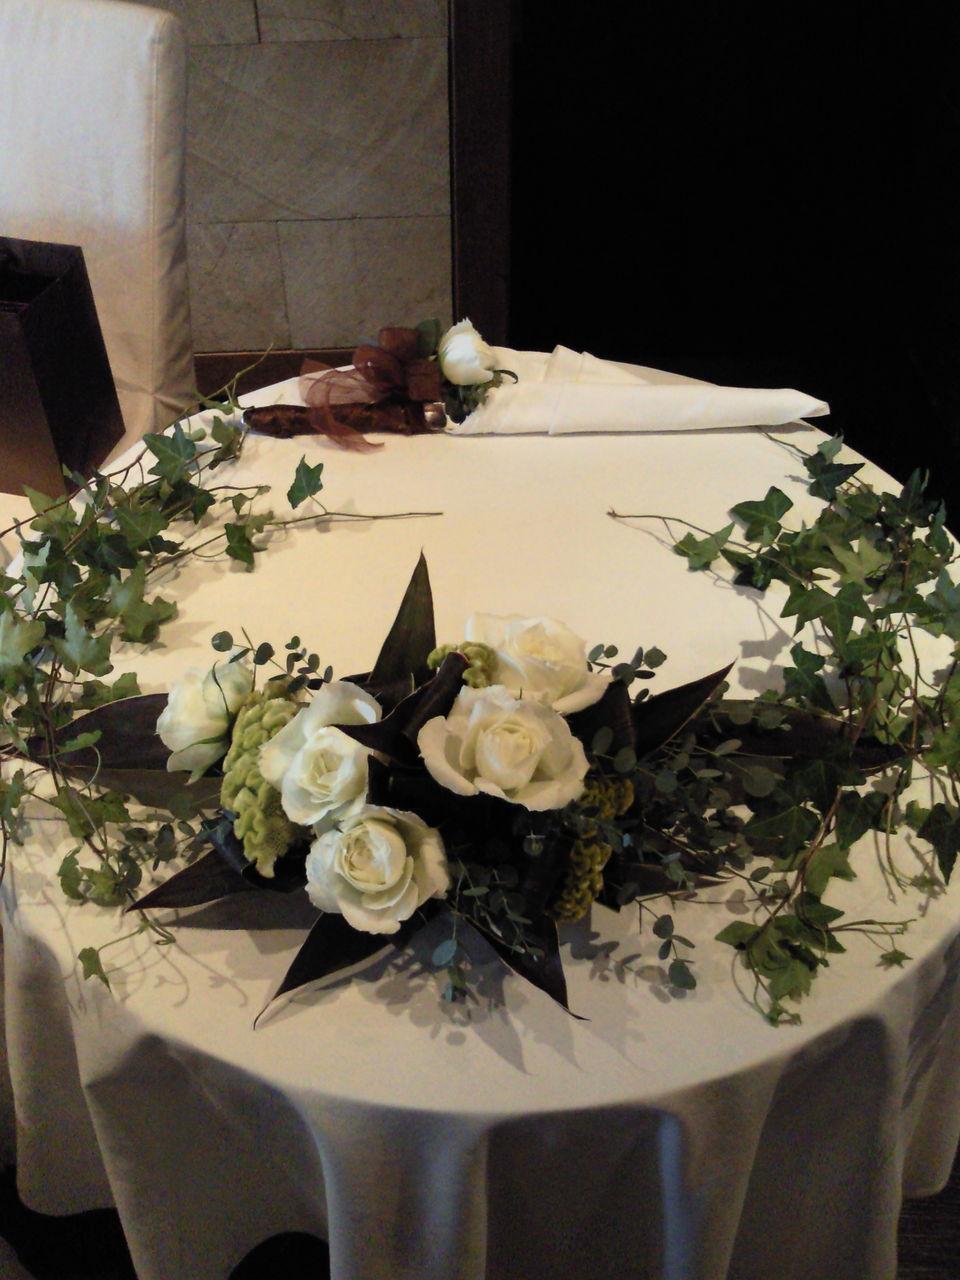 花ギフト|フラワーギフト|誕生日 花|カノシェ話題|スタンド花|ウエディングブーケ|花束|花屋|201111061155000